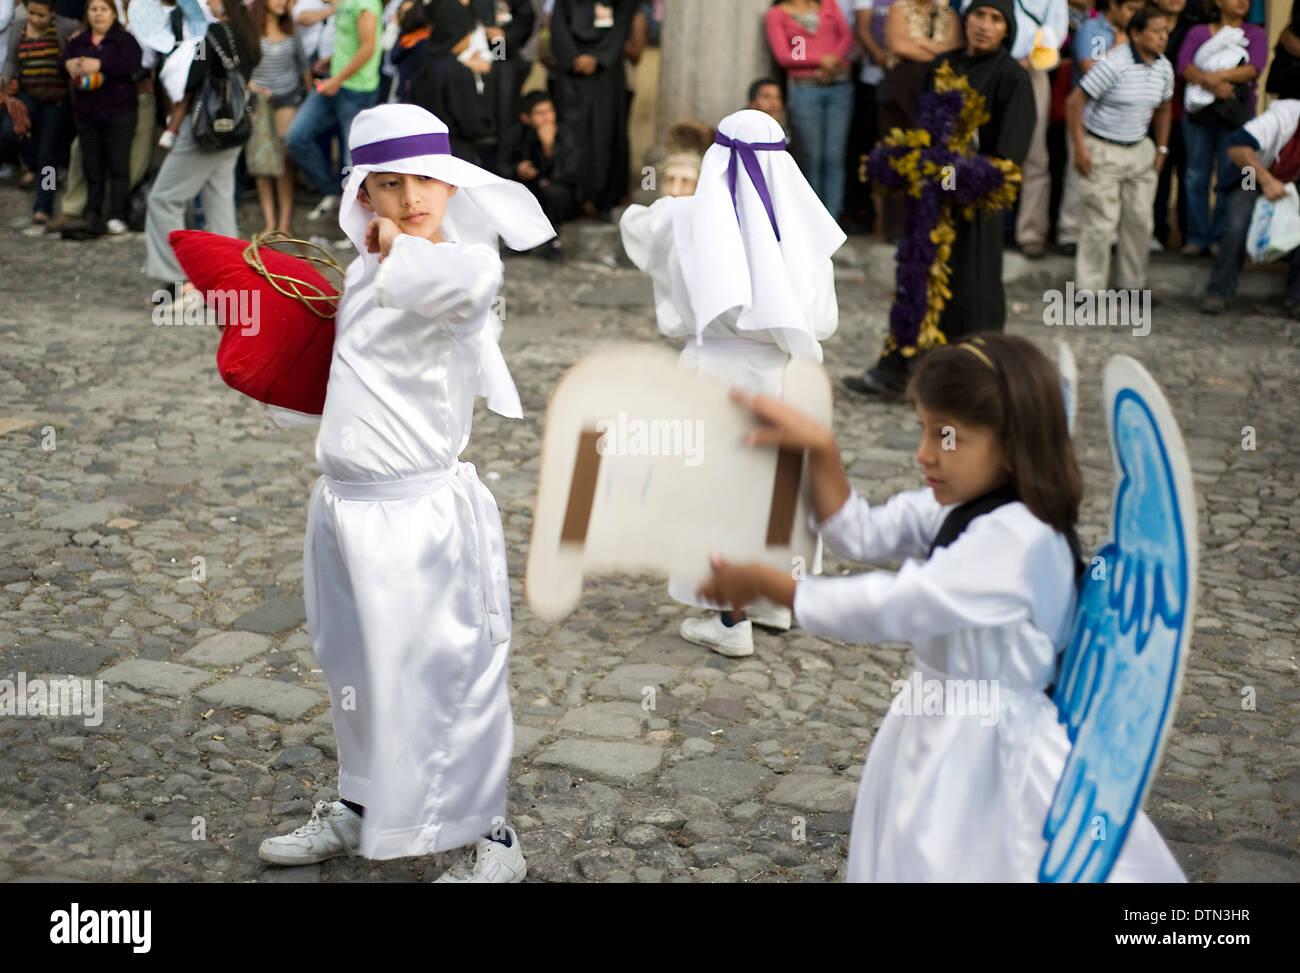 Kinder-Teilnehmer in einer Prozession während der Semana Santa (Karwoche) in Antigua, Guatemala. Stockfoto